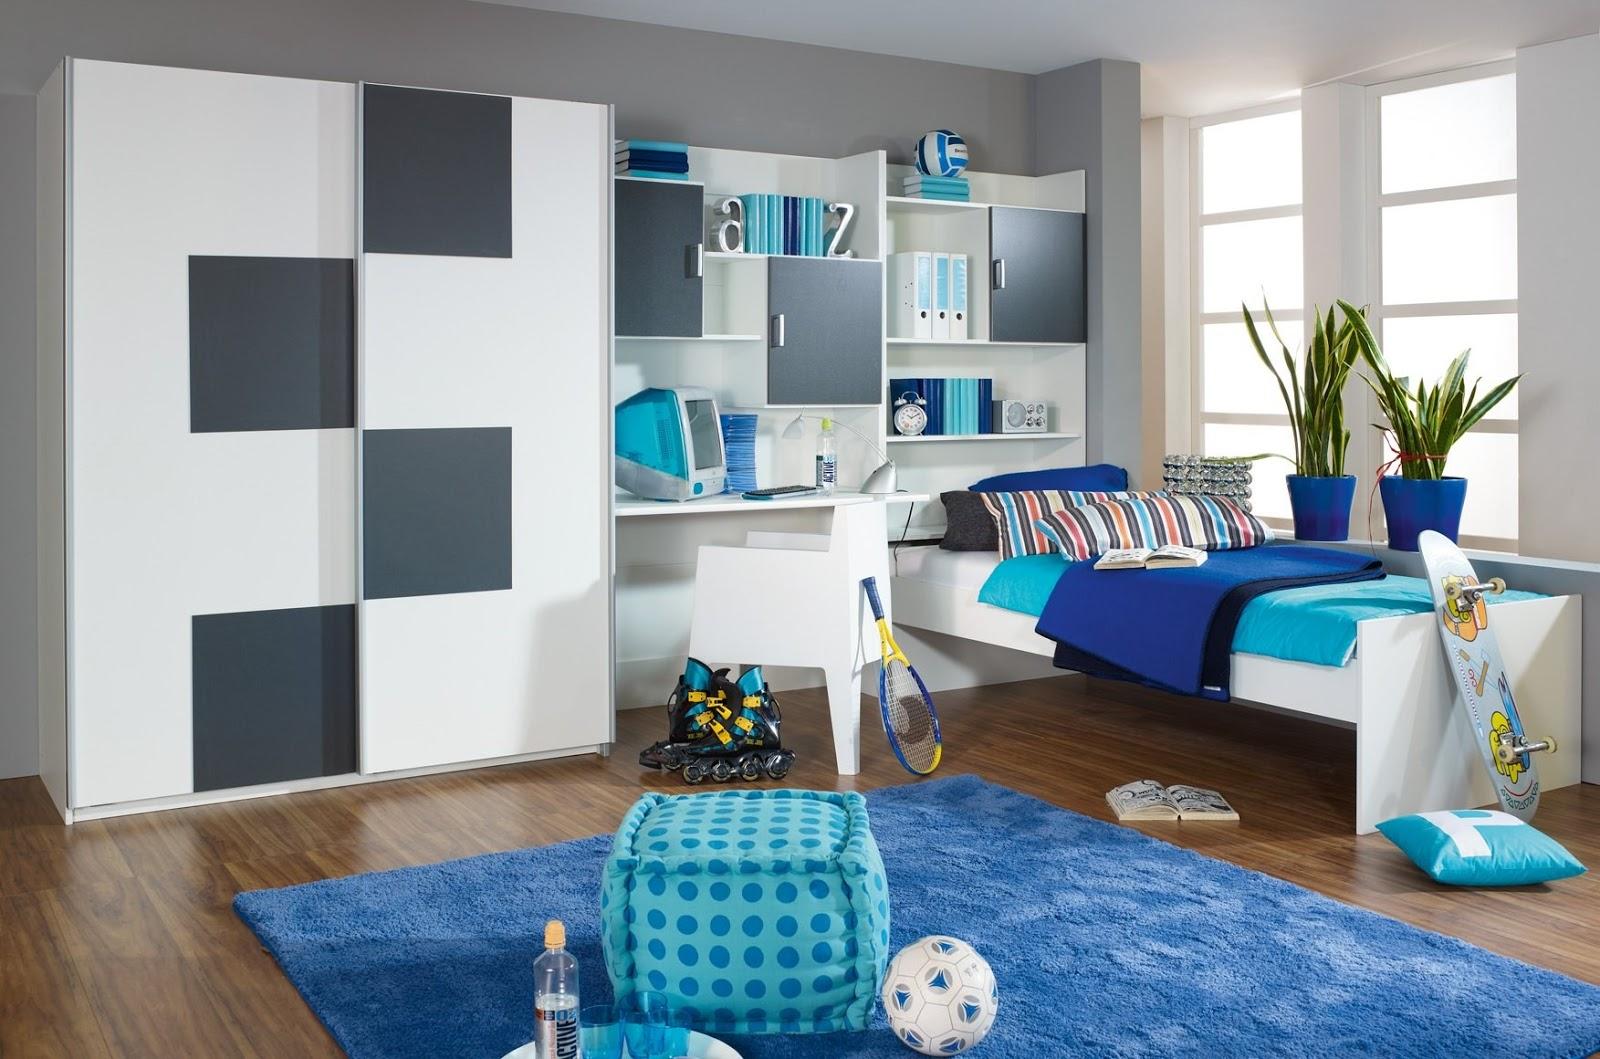 Chambre A Coucher Occasion Tunisie : Ideas para la Habitación de los Niños  Infantil Decora